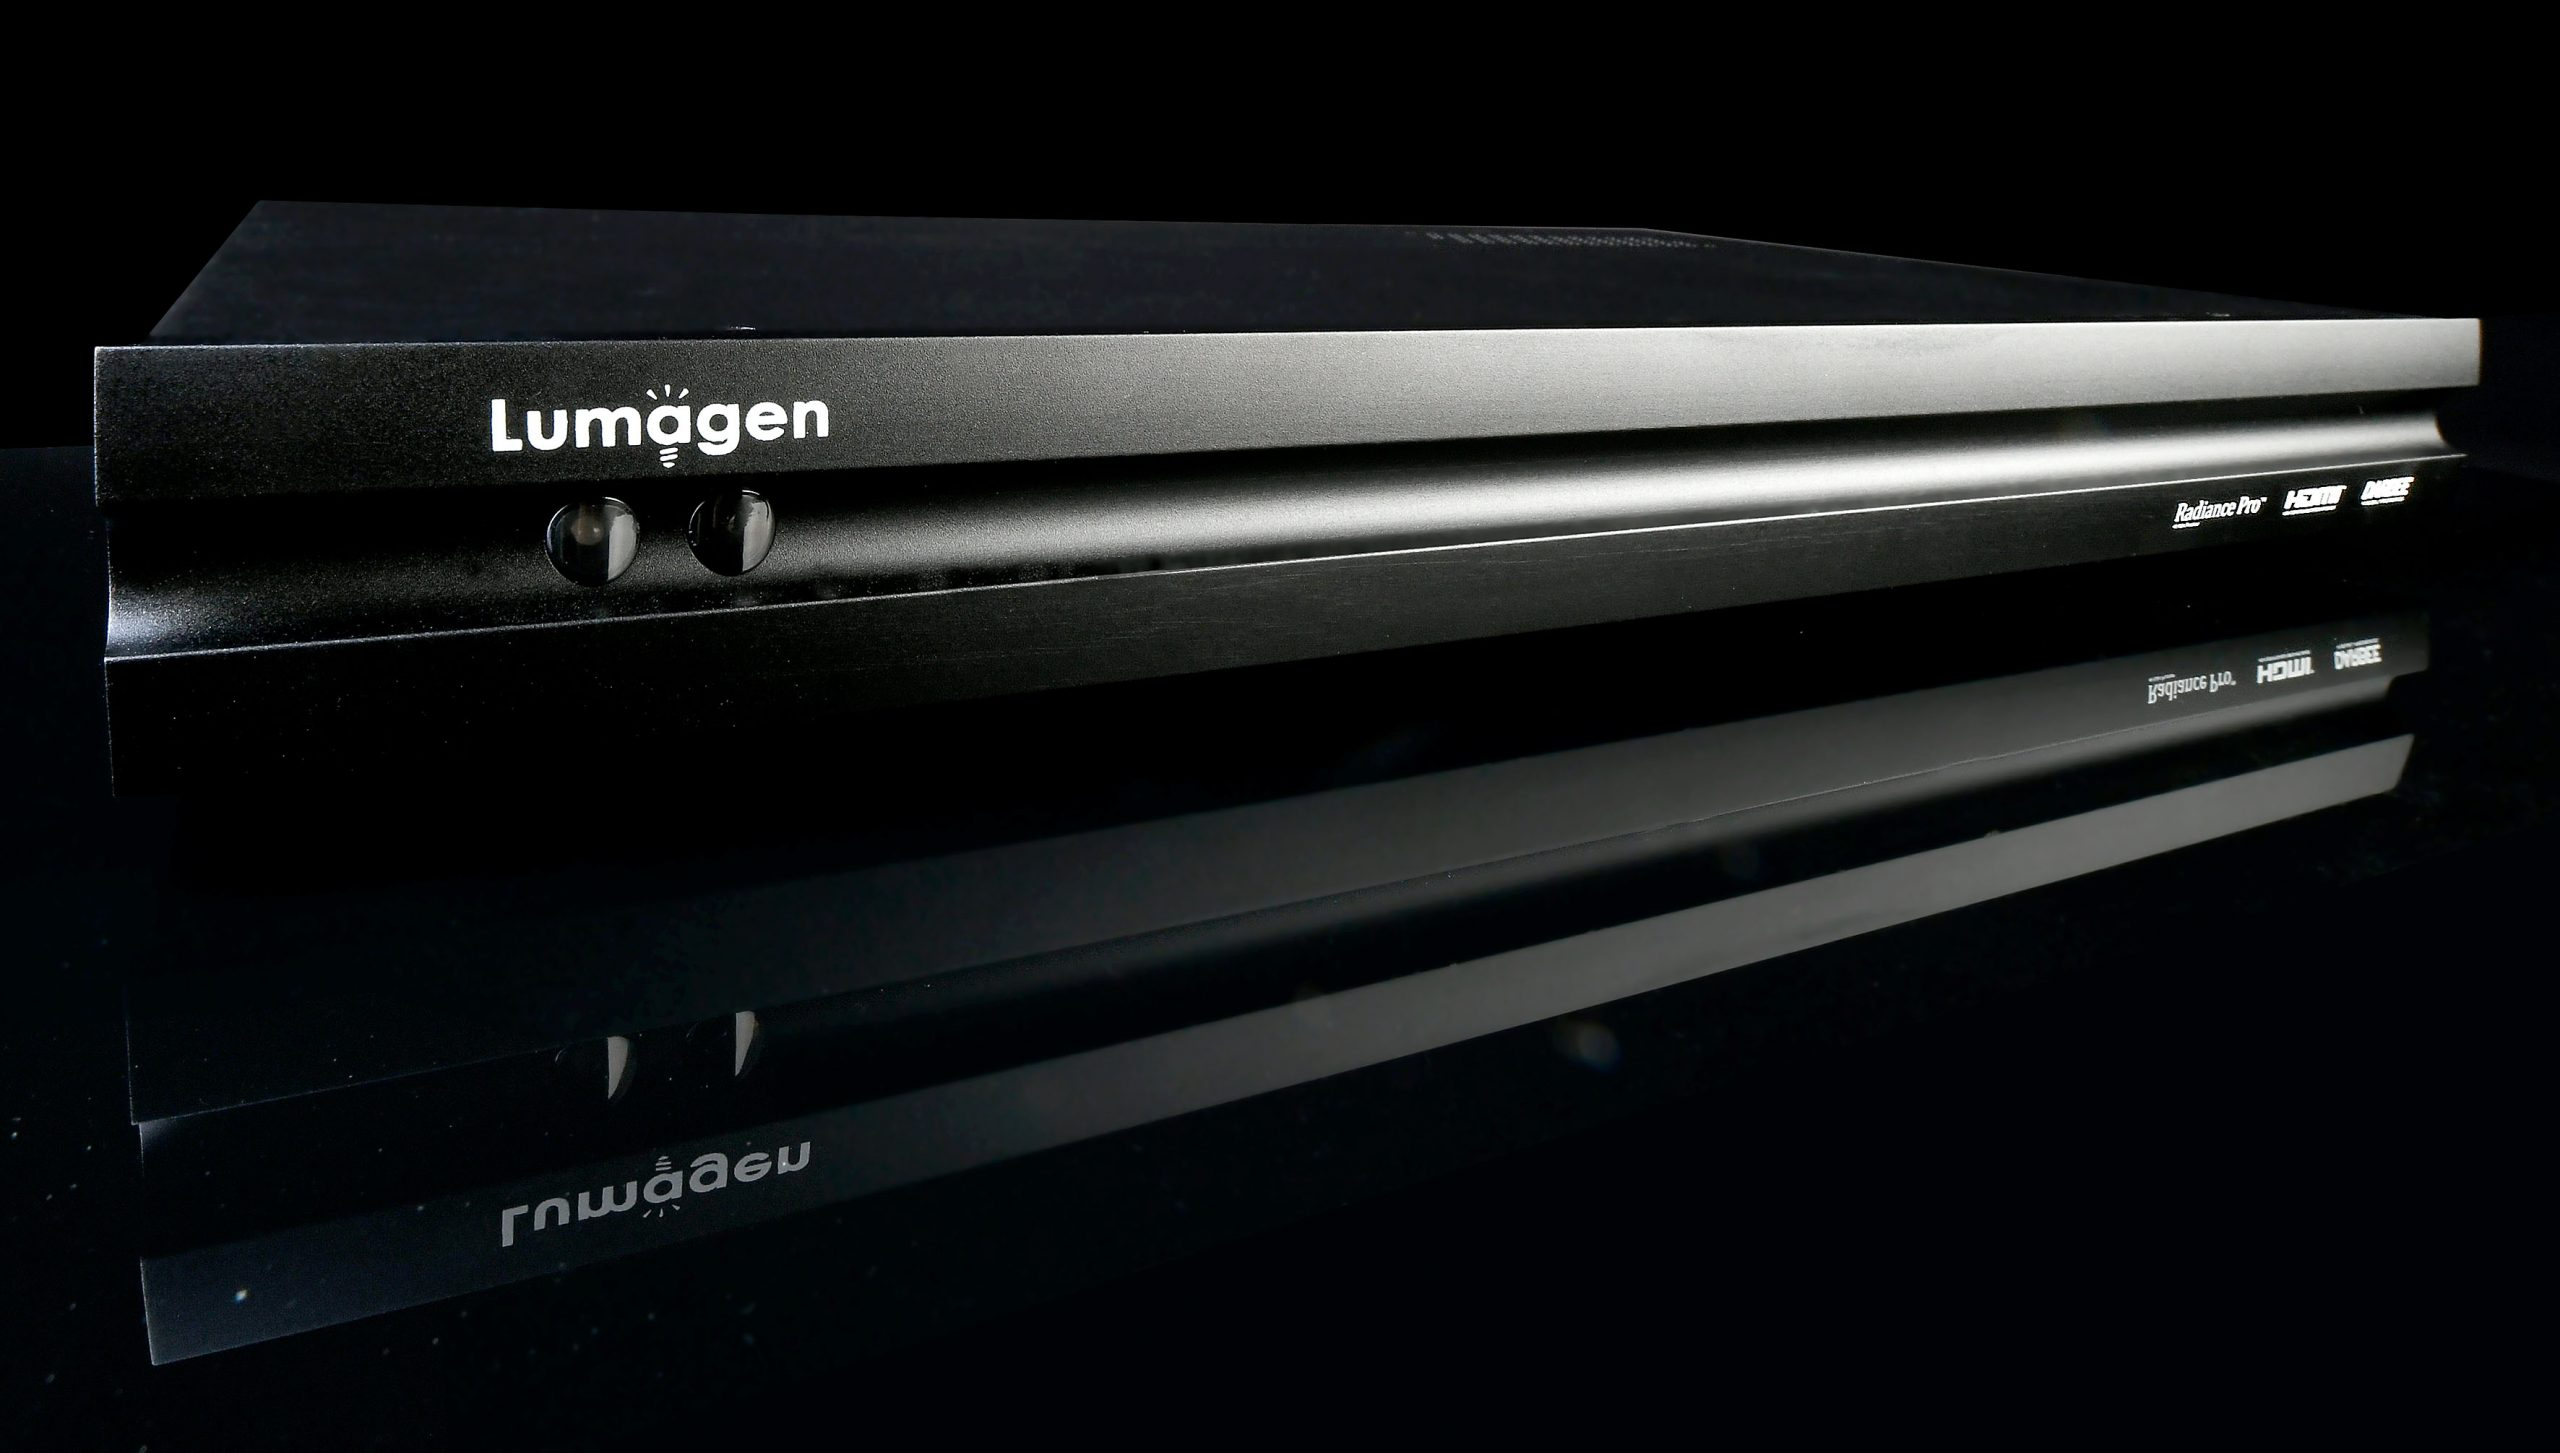 Der Lumagen Radiance Pro 5348 ist serienmäßig mit zehn 18GBit-HDMI-Eingängen bestückt. Zwei ebenso breitbandige Ausgänge gehen zum Display oder Projektor und ein dritter HDMI-Ausgang ist separat als Audio-Ausgang mit dem AV-Receiver zu verbinden.